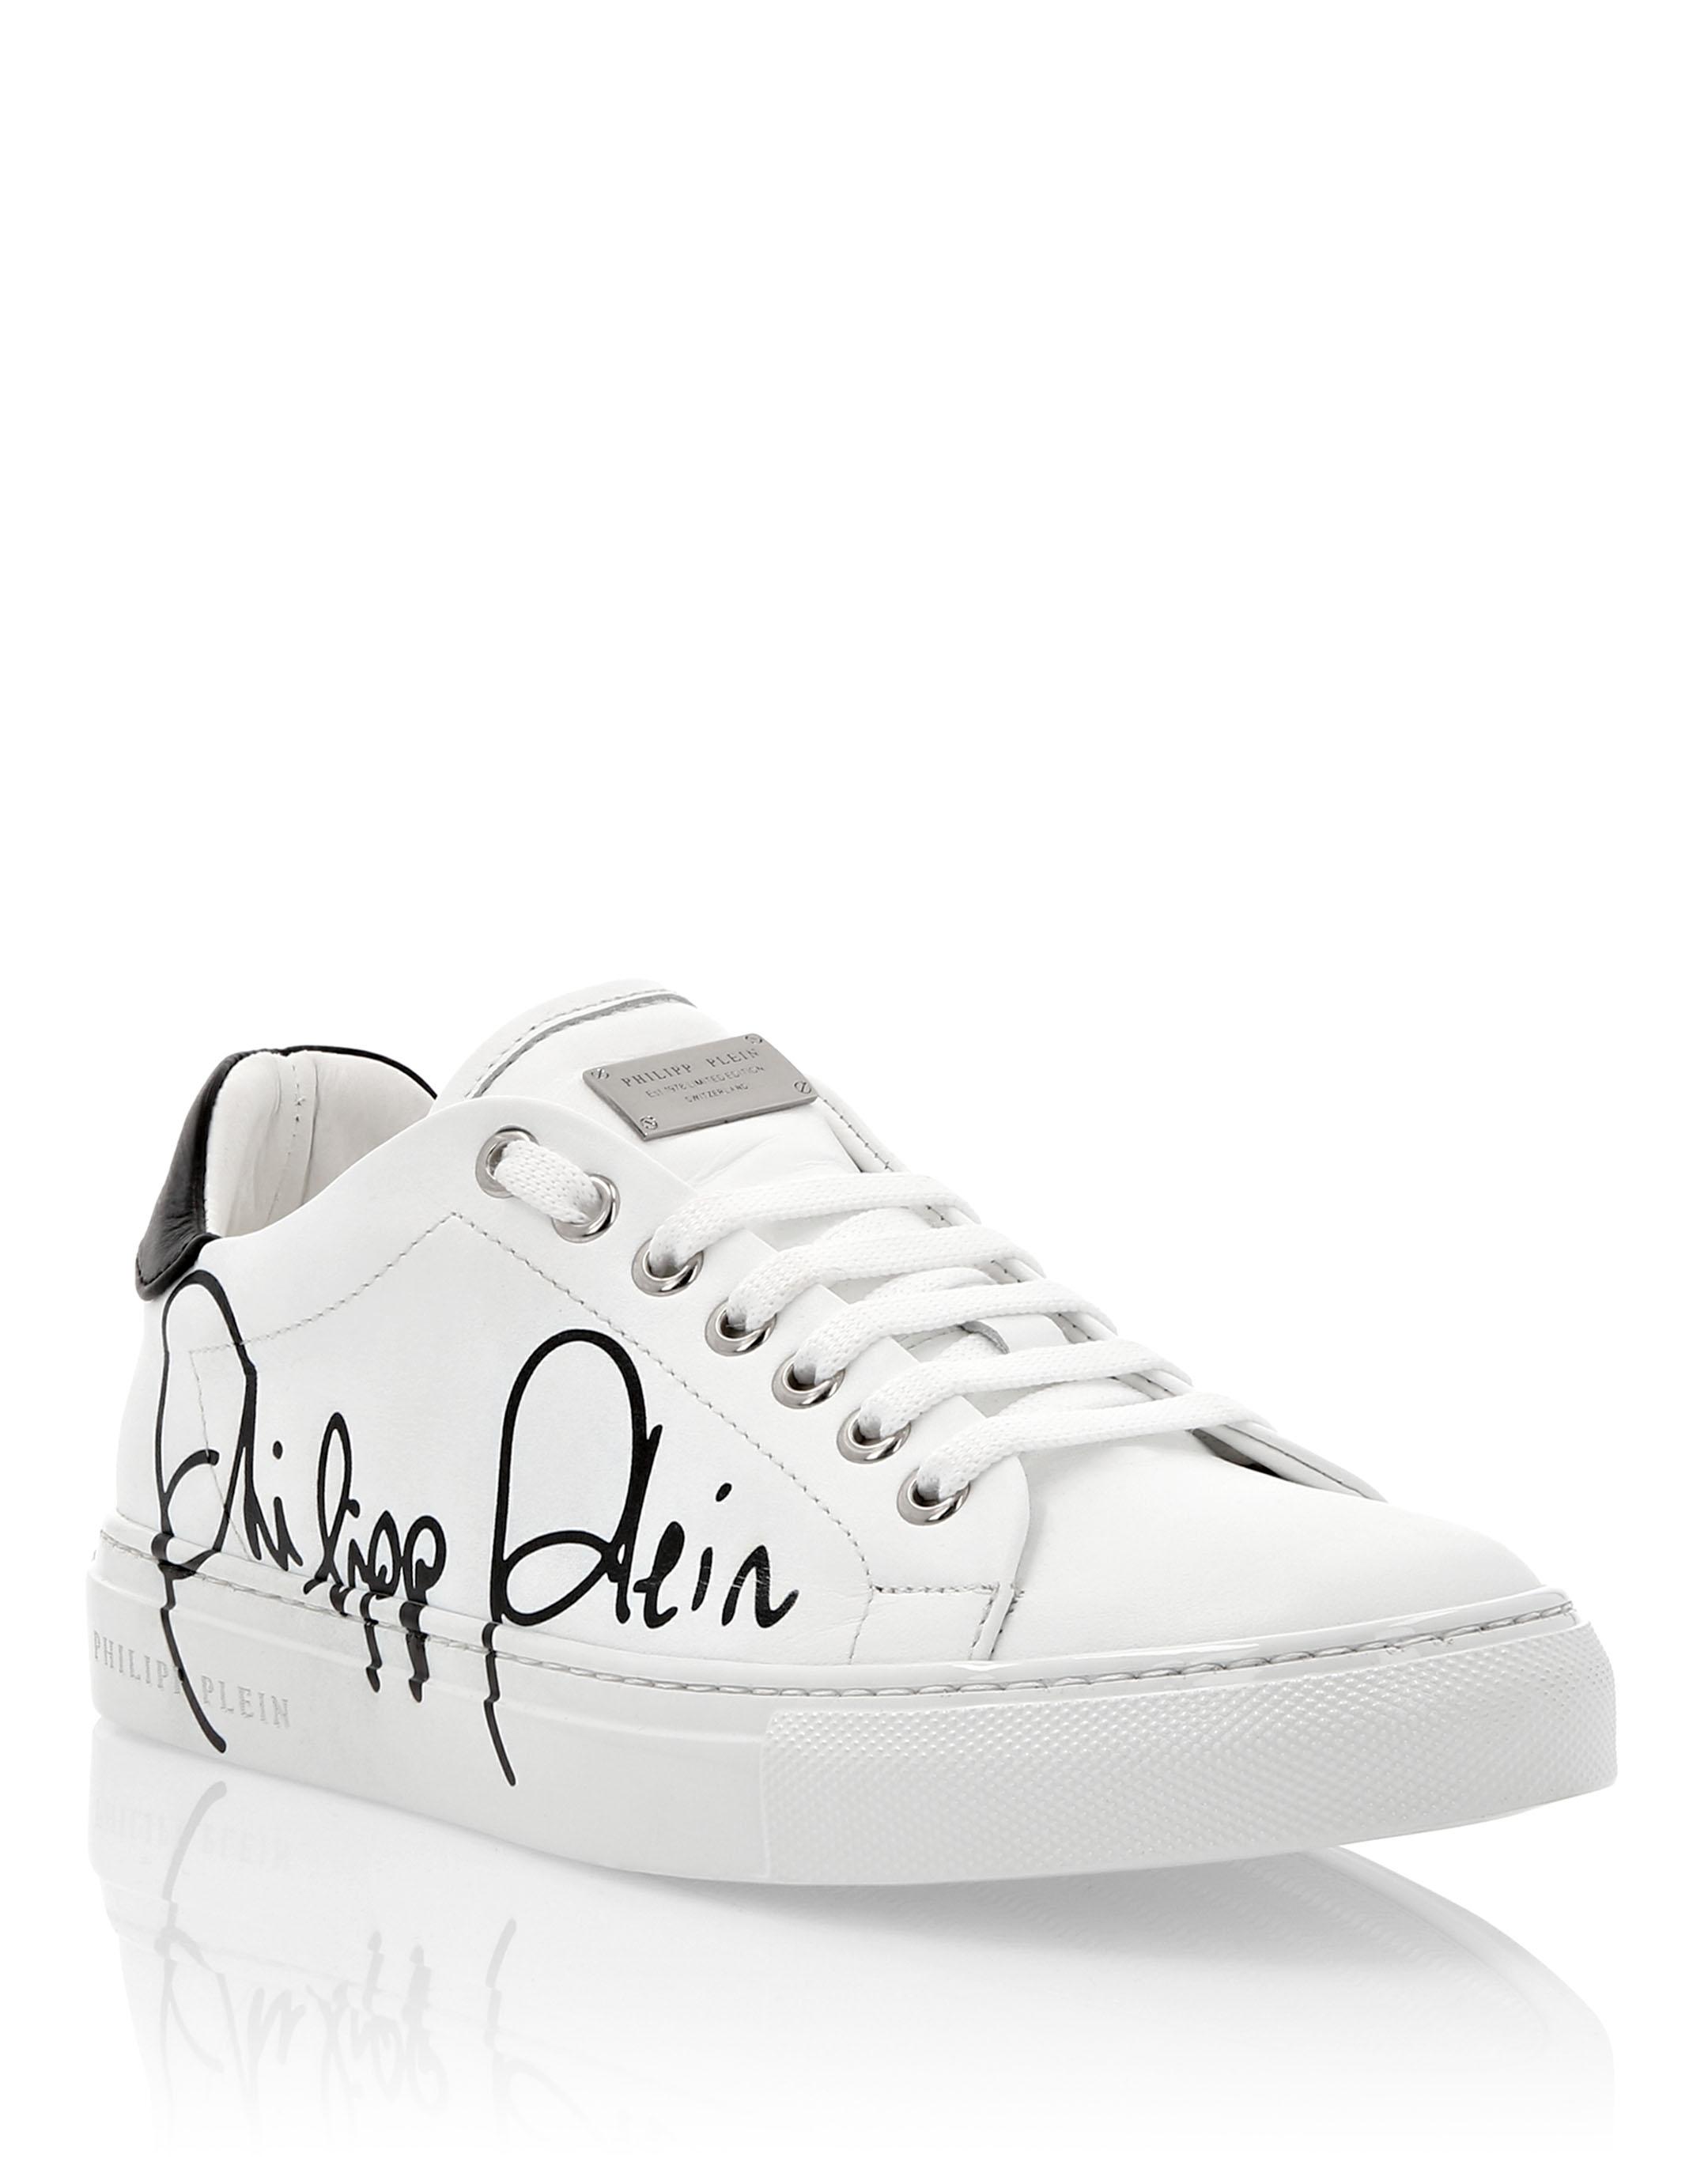 Lo-Top Sneakers Signature   Philipp Plein